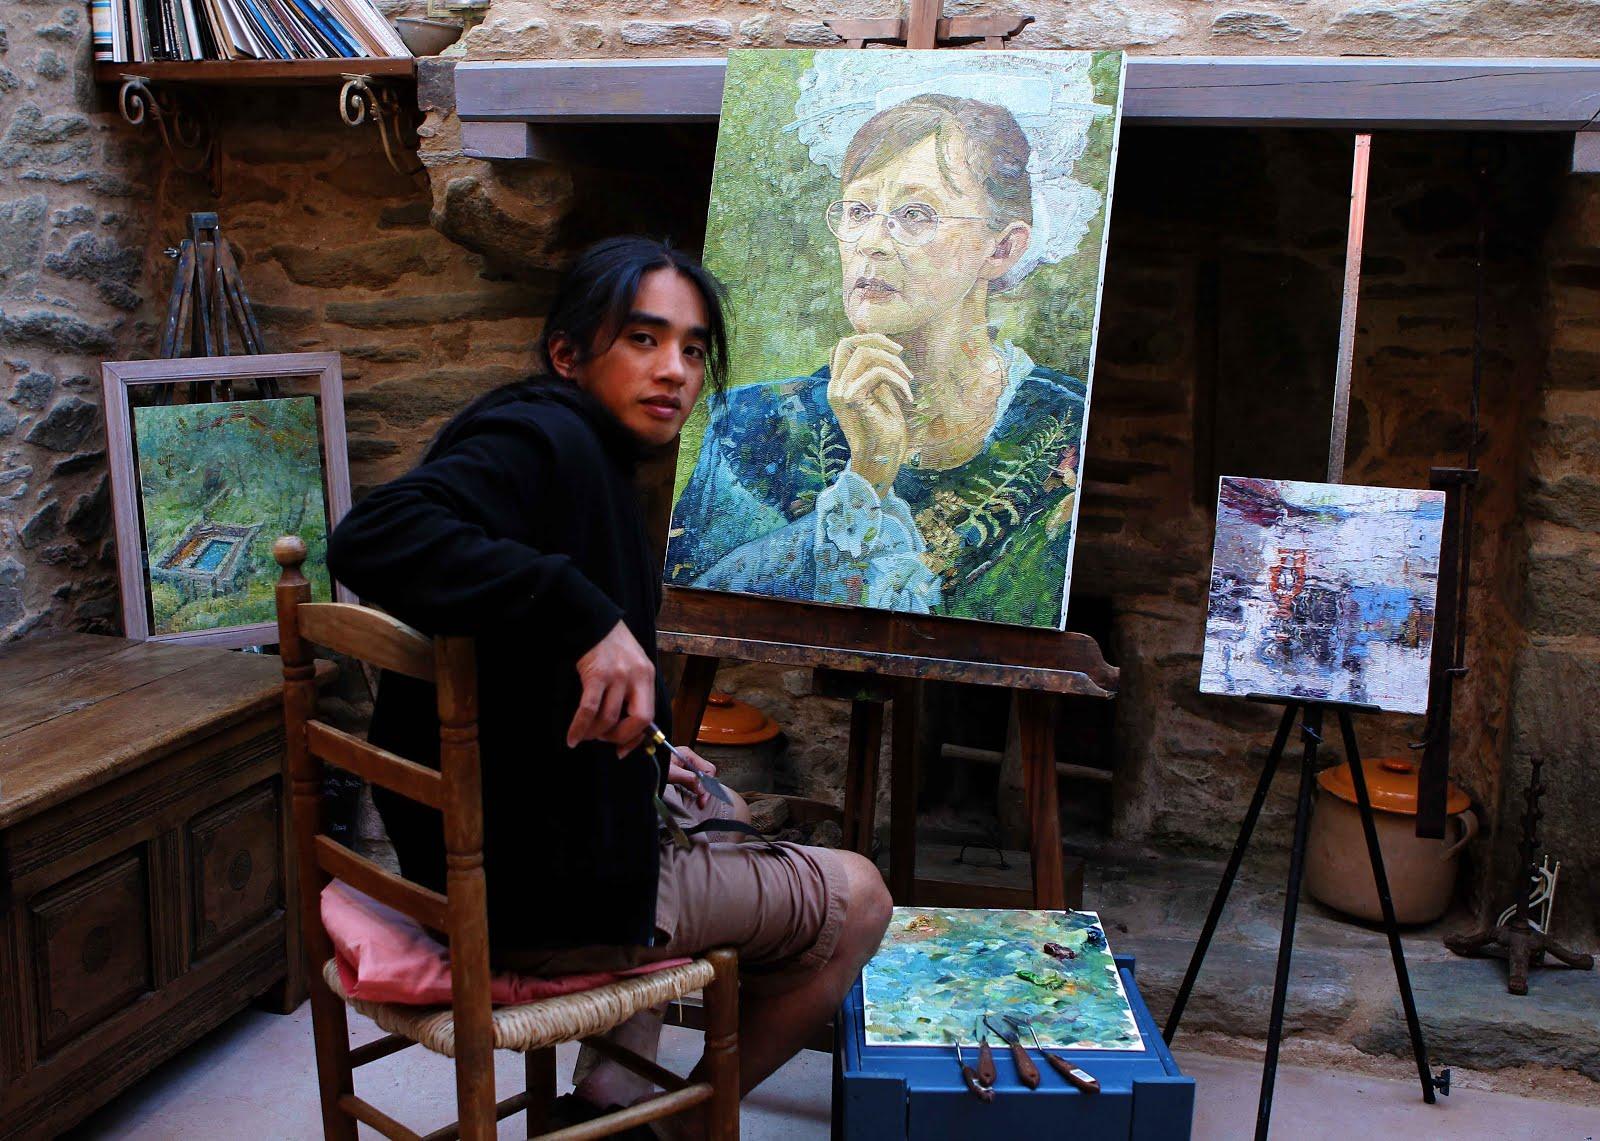 JEF CABLOG, ARTISTE PEINTRE, LA NATURE AU BOUT DU COUTEAU